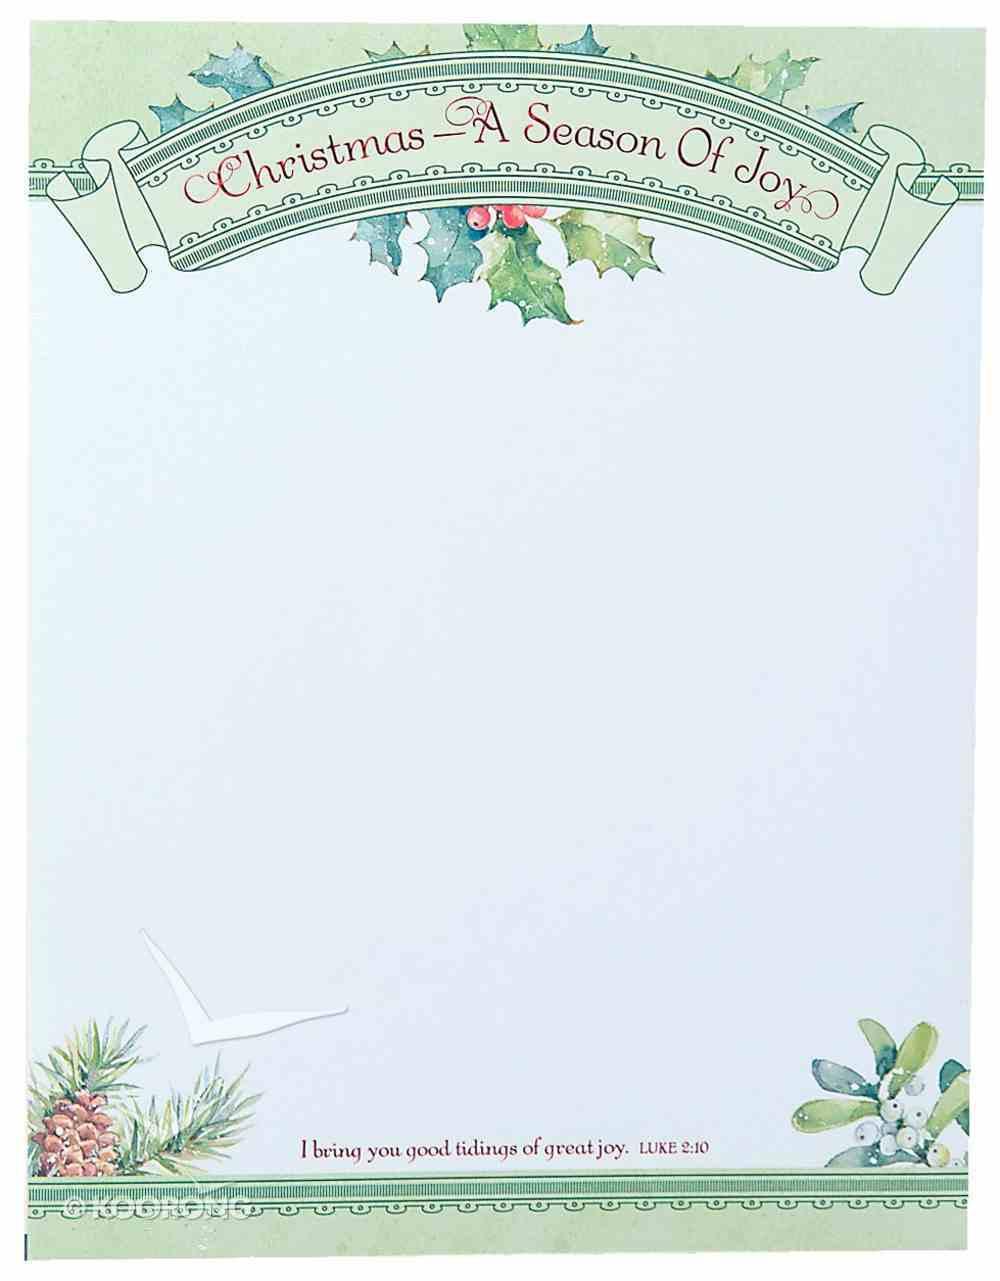 Christmas Laser Stationery: Season of Joy, Luke 2:10, 21.5cm X 28Cm Stationery